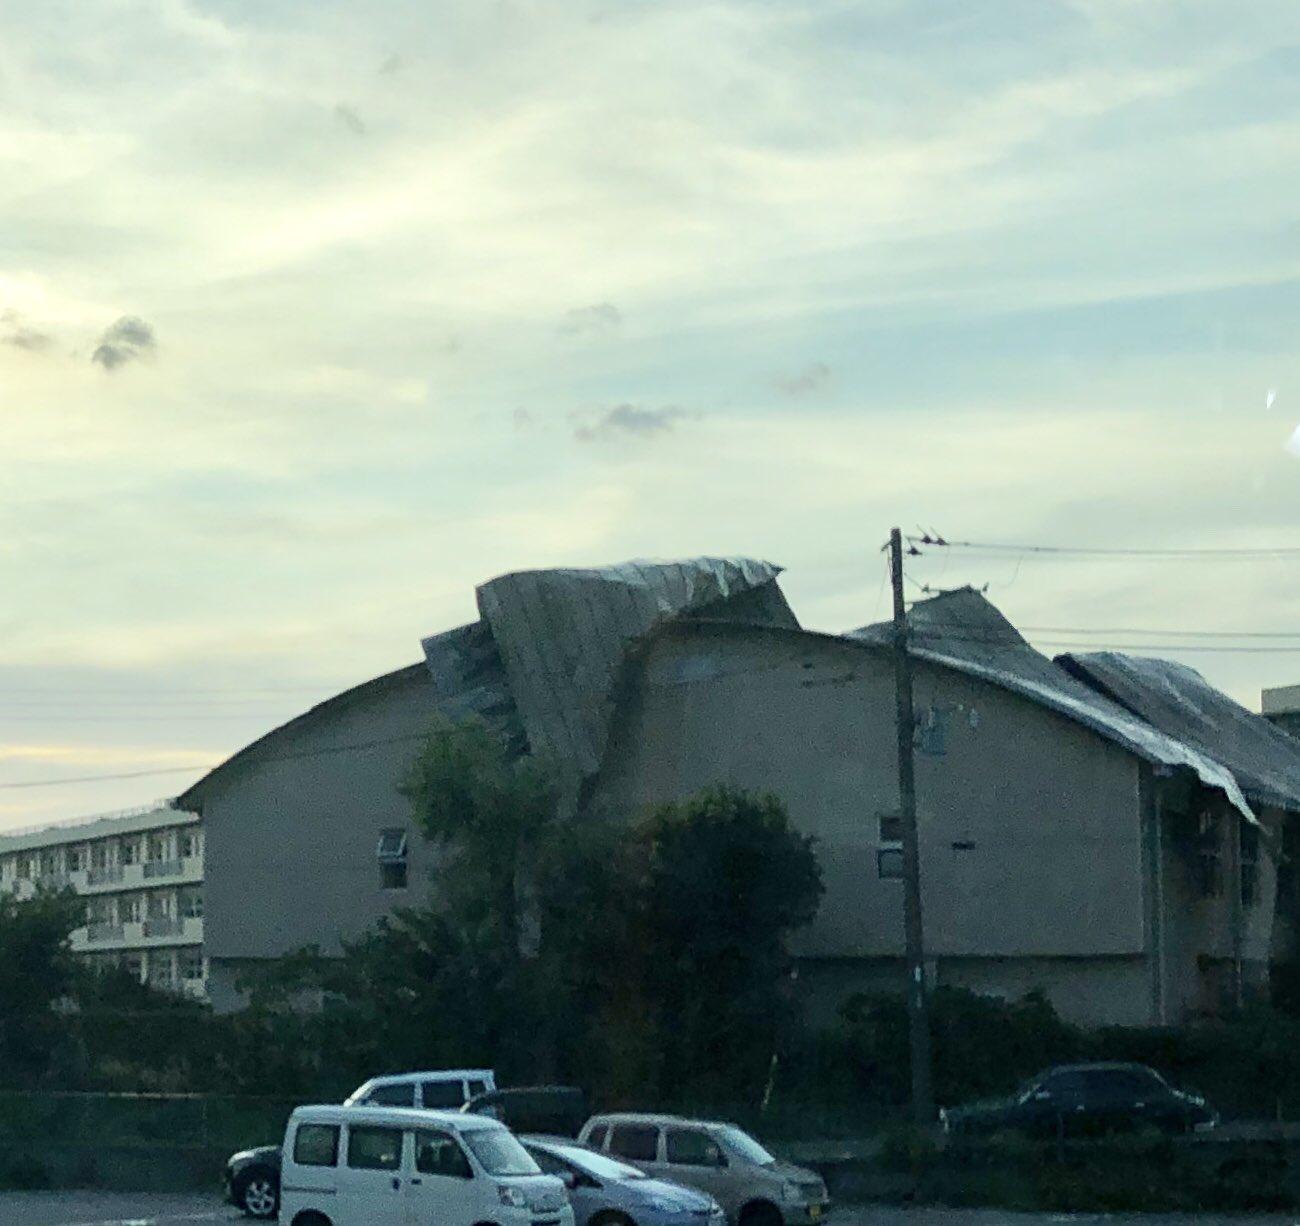 画像,通りすがりの千葉の某学校の体育館です。台風おそるべし#台風15号 https://t.co/DYWpZb7VAX。